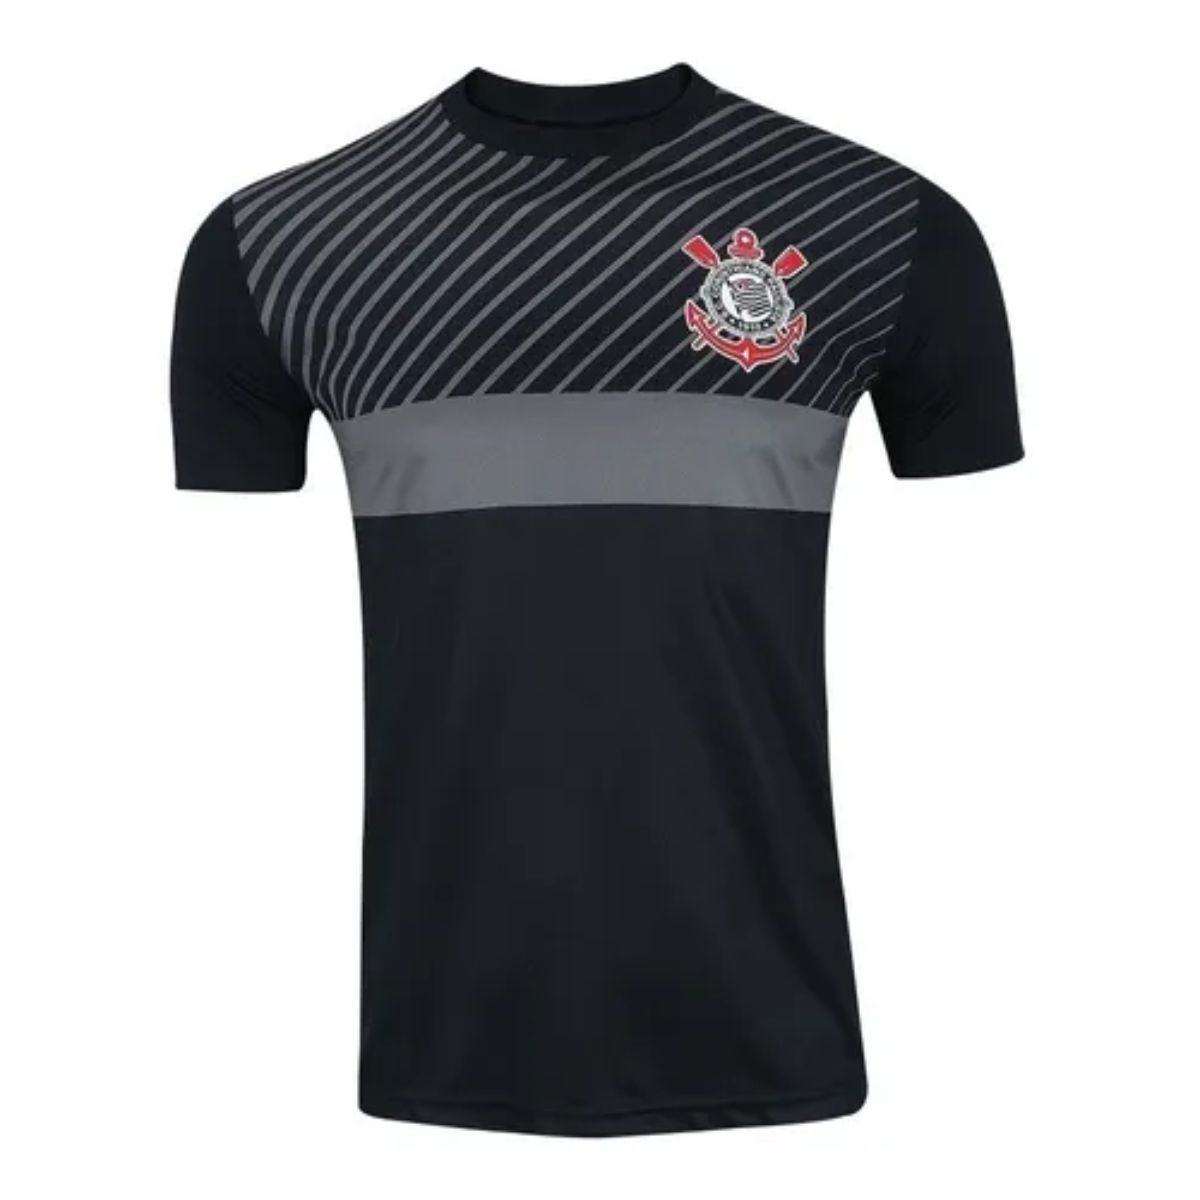 Camiseta SPR Corinthians Peter Masculino